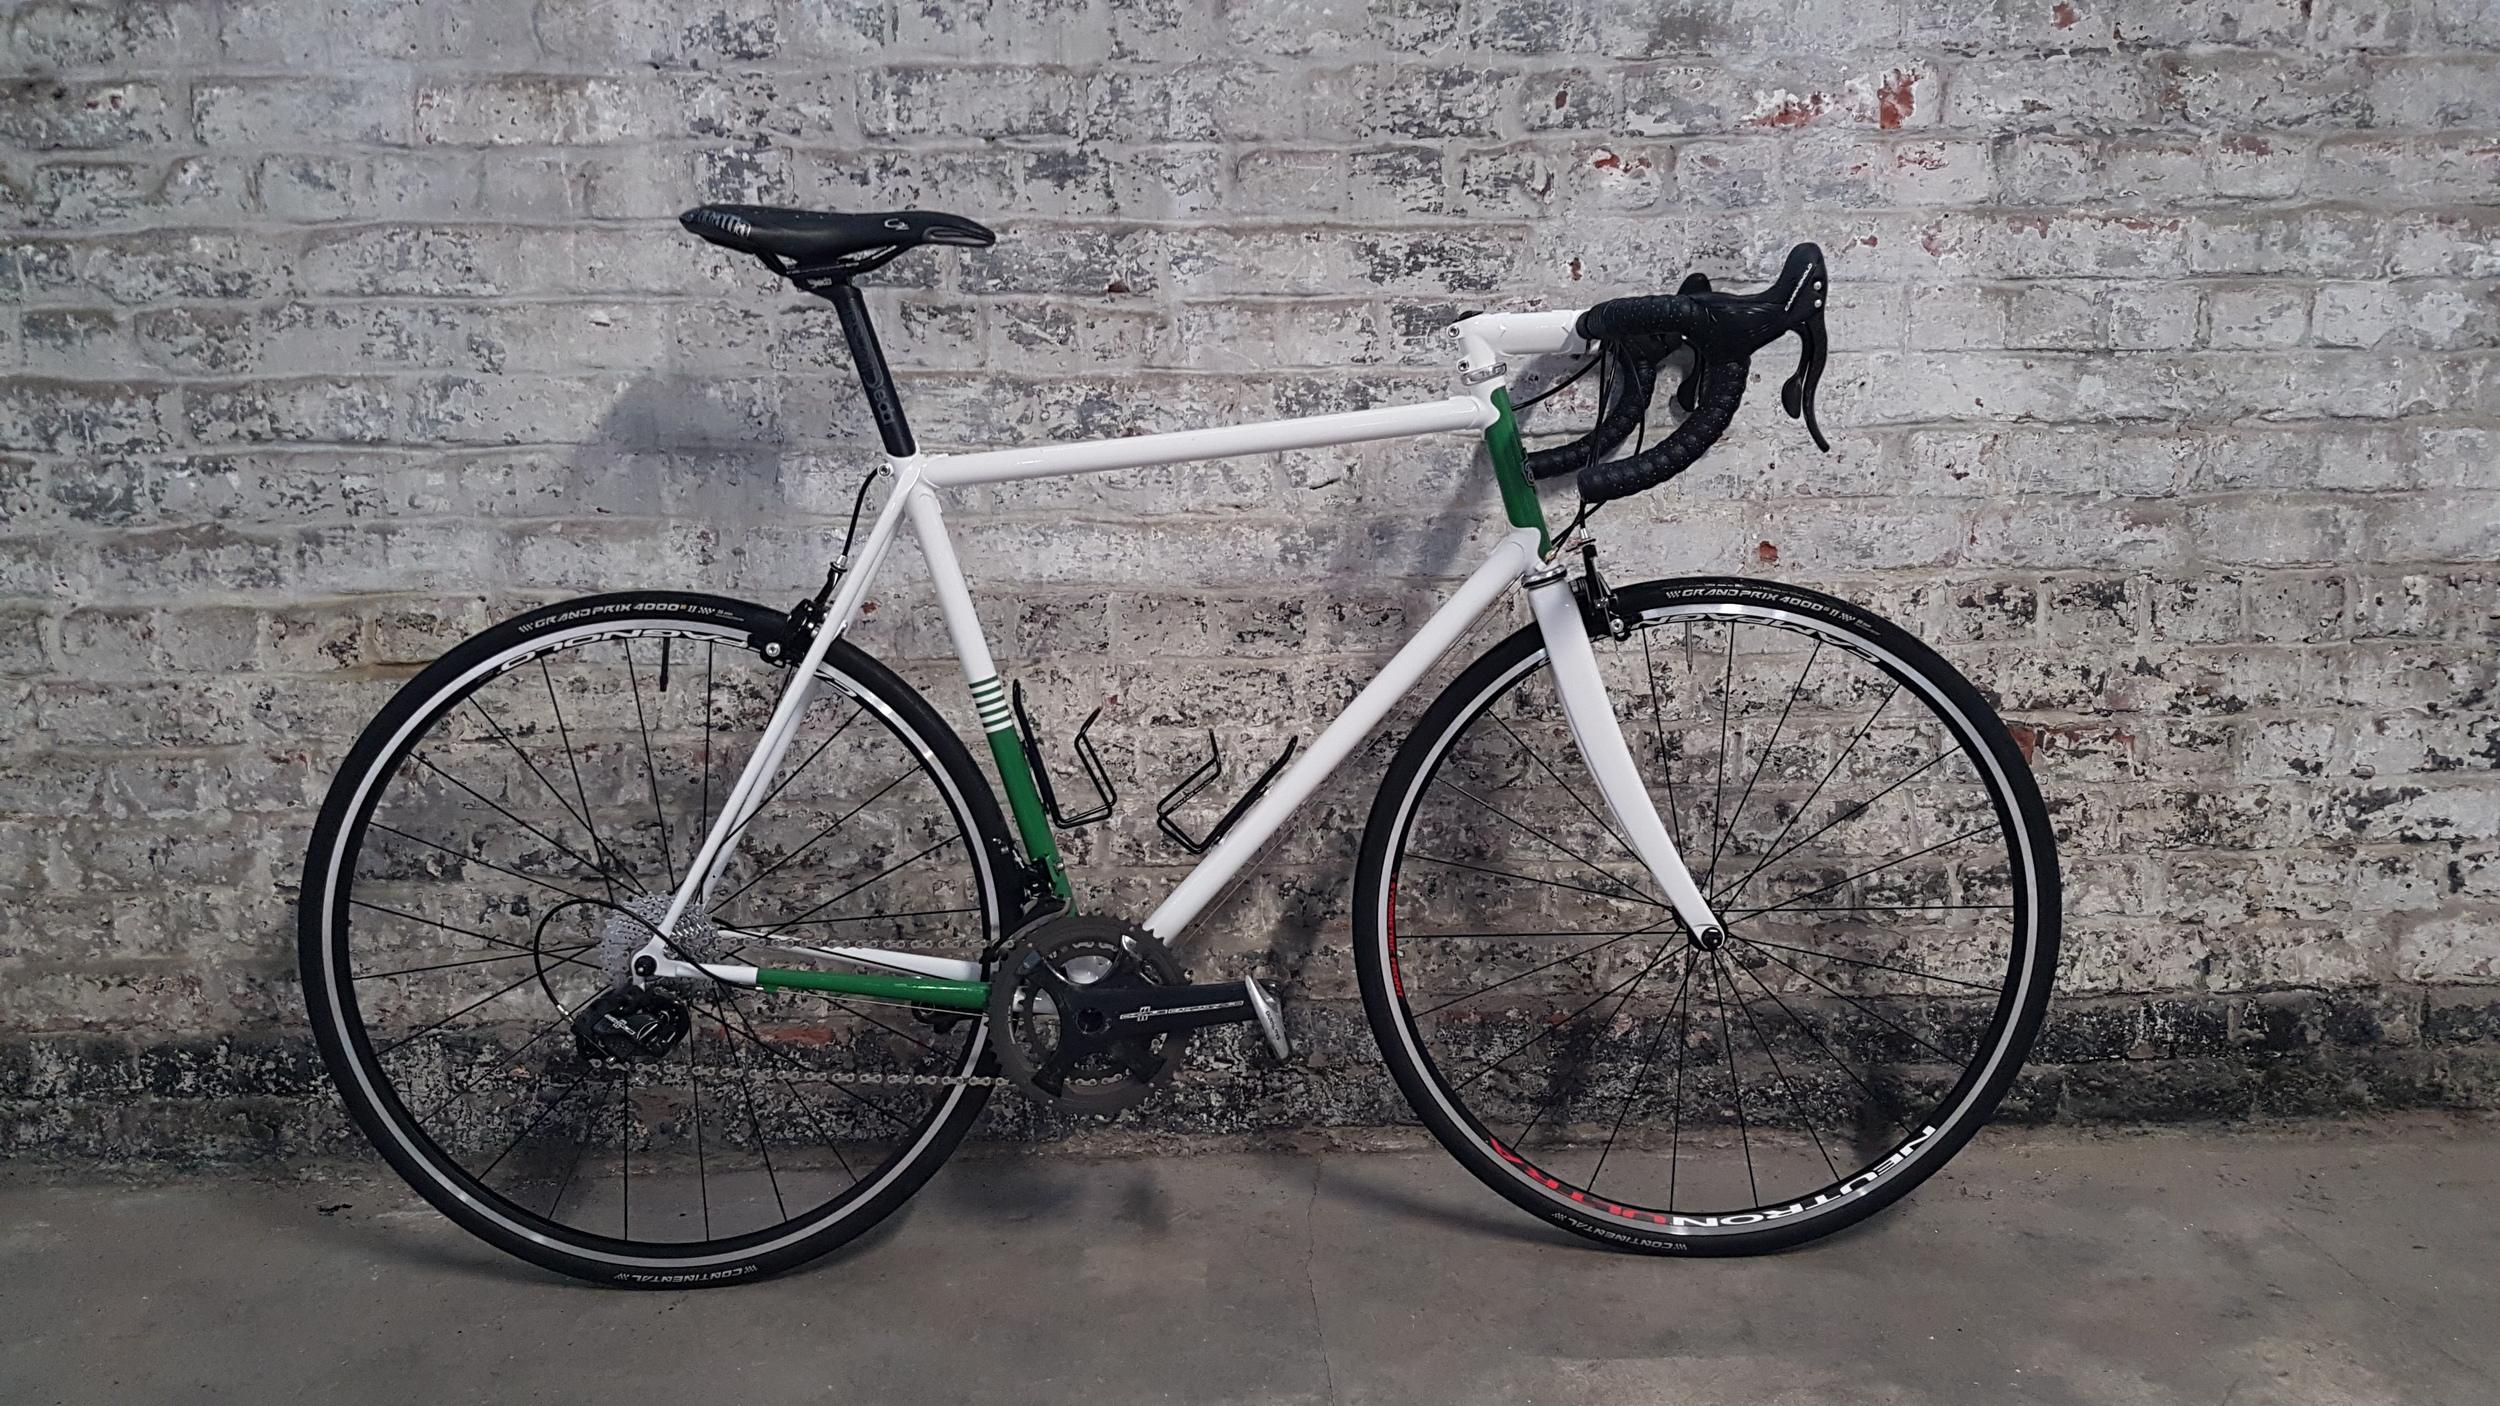 Olivier's Roadbike